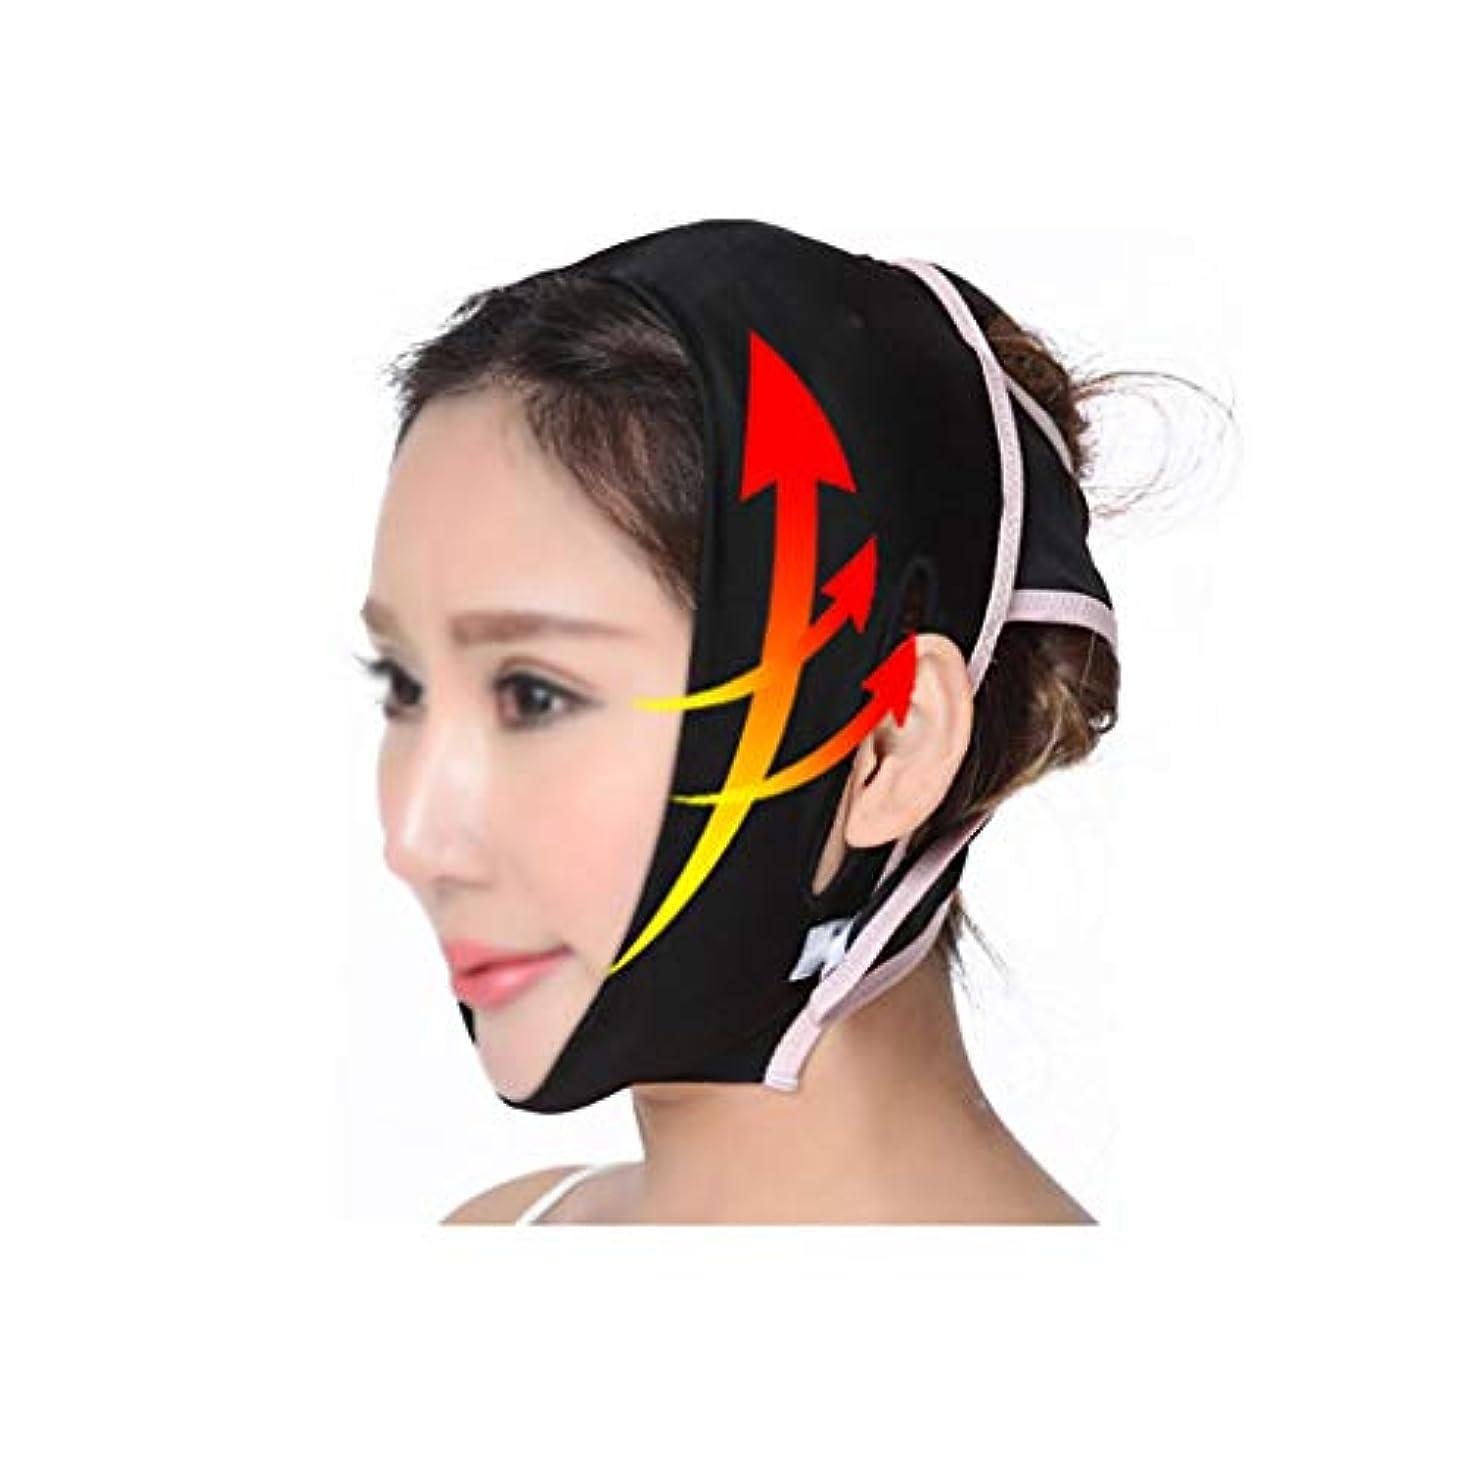 ピック六月治すGLJJQMY 薄い顔のマスクのマスクの睡眠の顔のプラスチック顔の包帯の顔の持ち上がるVの表面のアーチファクトの回復 ネックバンド 顔用整形マスク (Size : L)